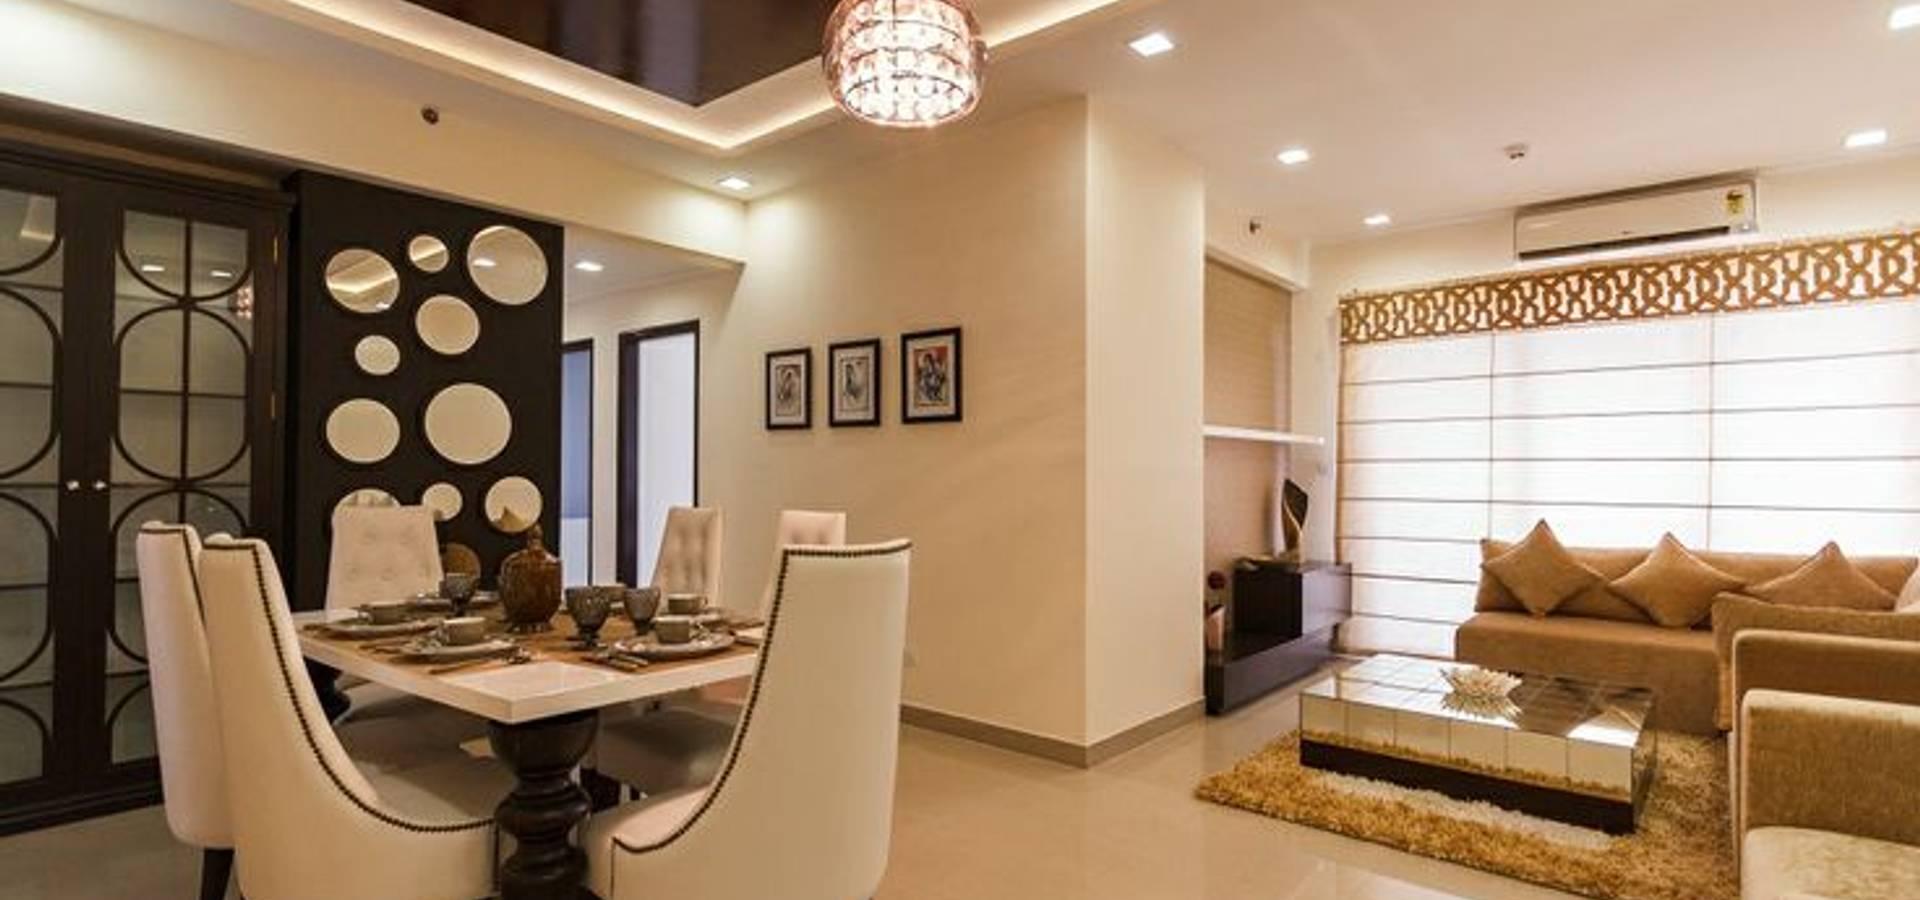 the interiaが手掛けたchoosing the top interior designer in delhi